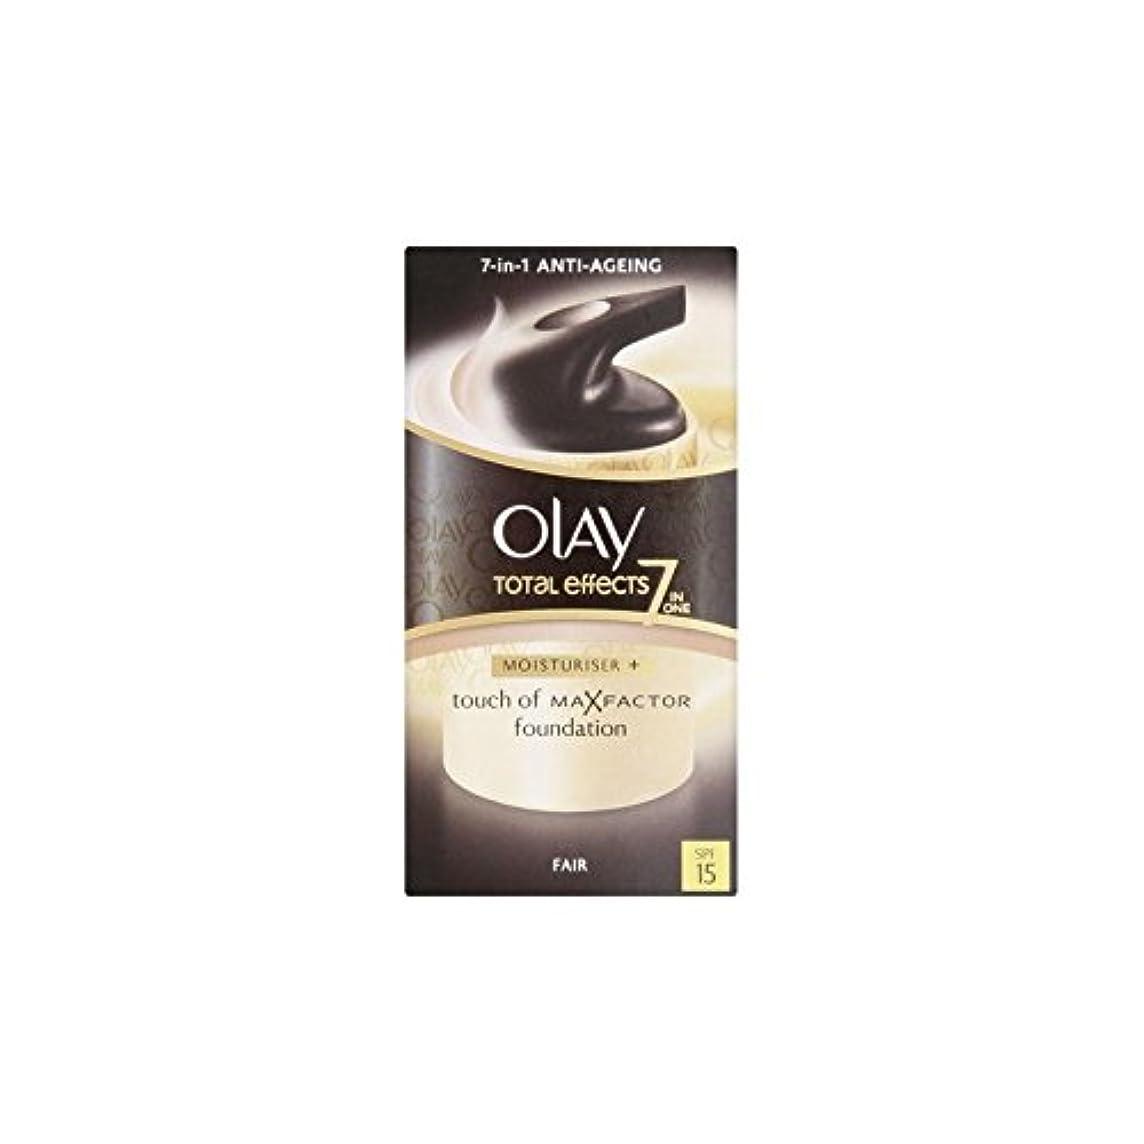 引退したモニカフレッシュオーレイトータルエフェクト保湿クリーム15 - フェア(50ミリリットル) x4 - Olay Total Effects Moisturiser Bb Cream Spf15 - Fair (50ml) (Pack of...